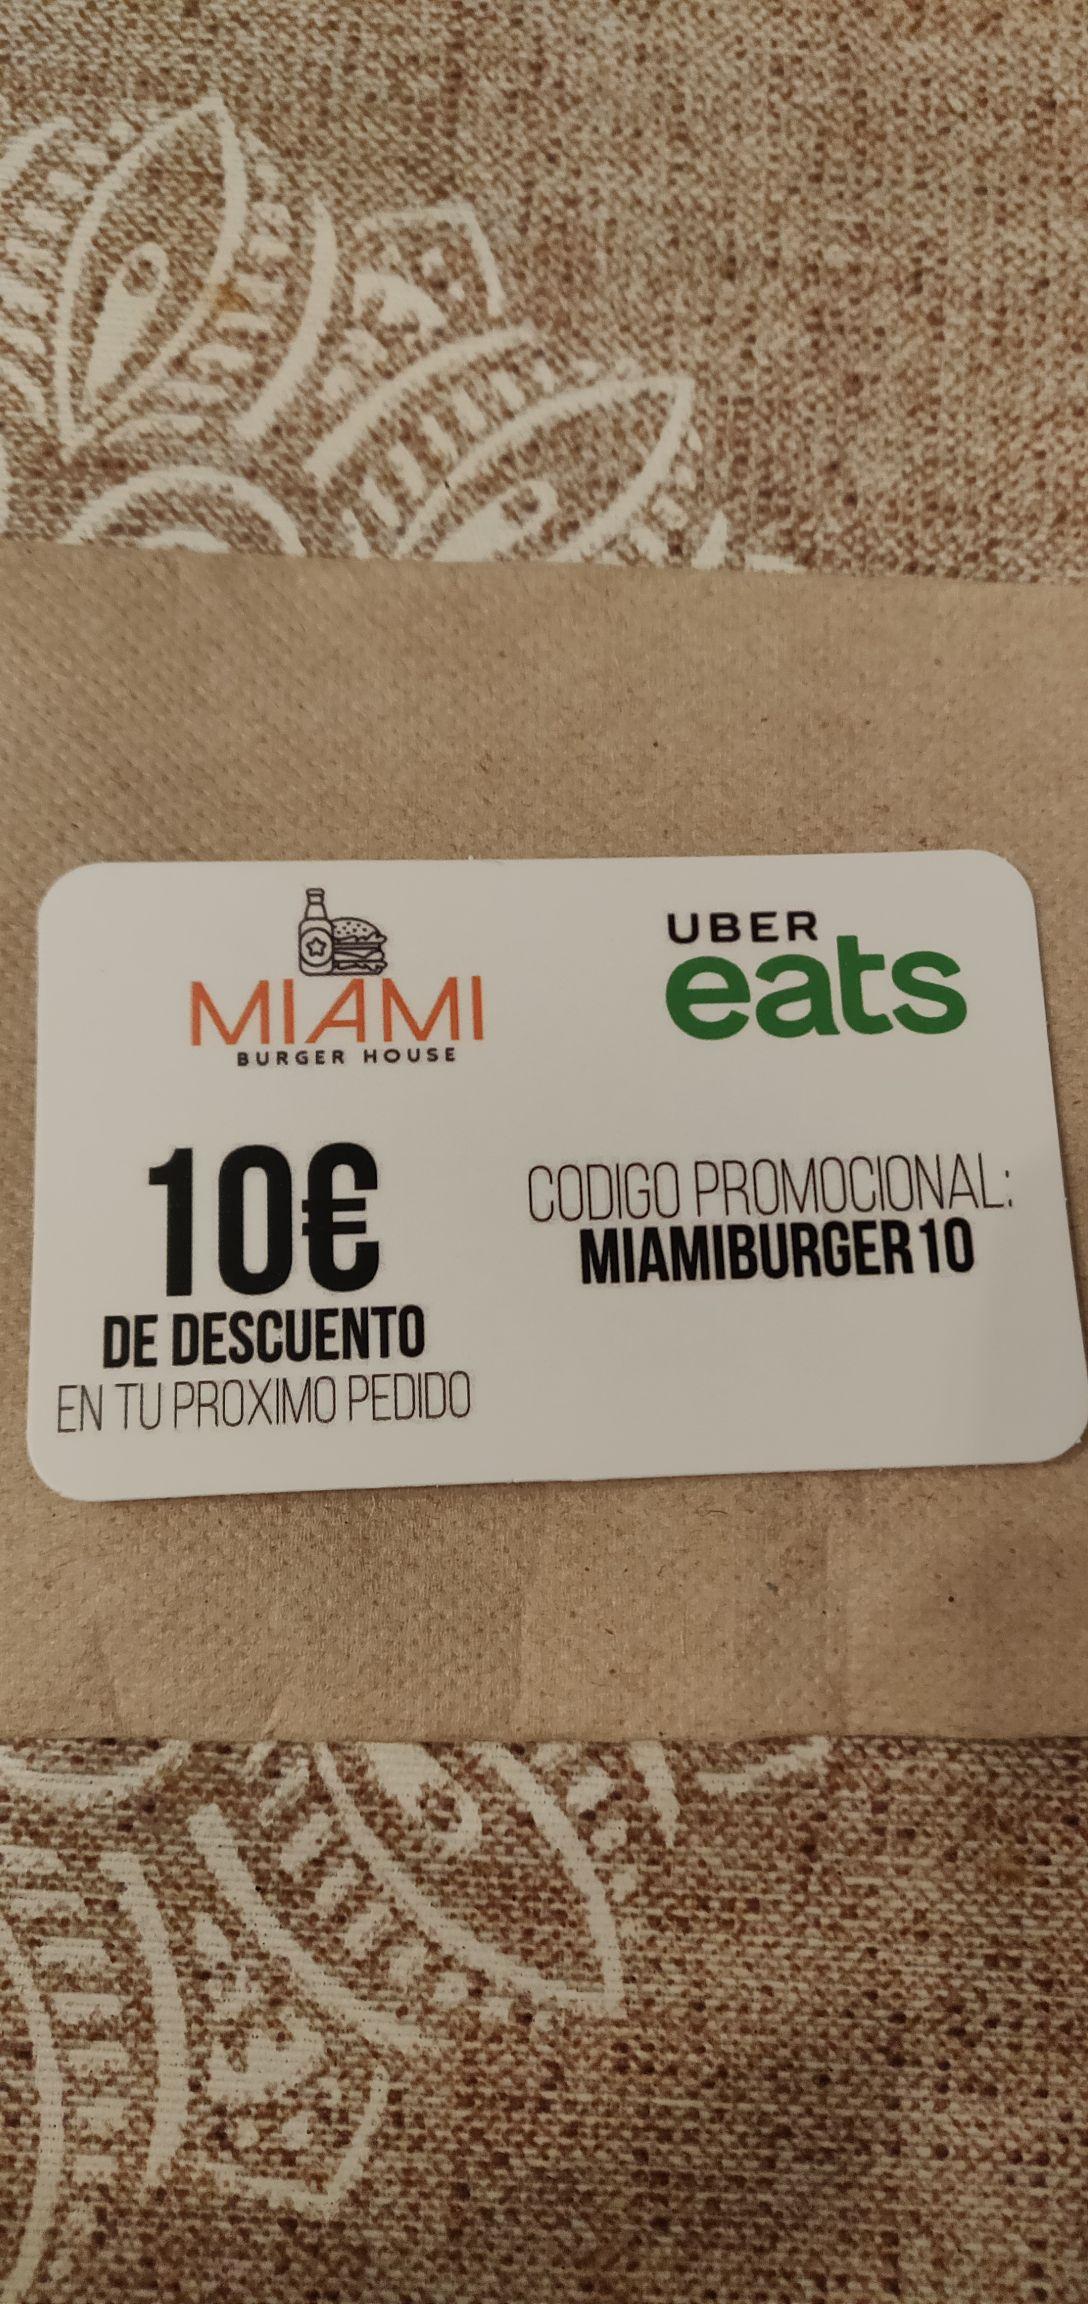 10€ Descuento UBER EATS Miami Burger House